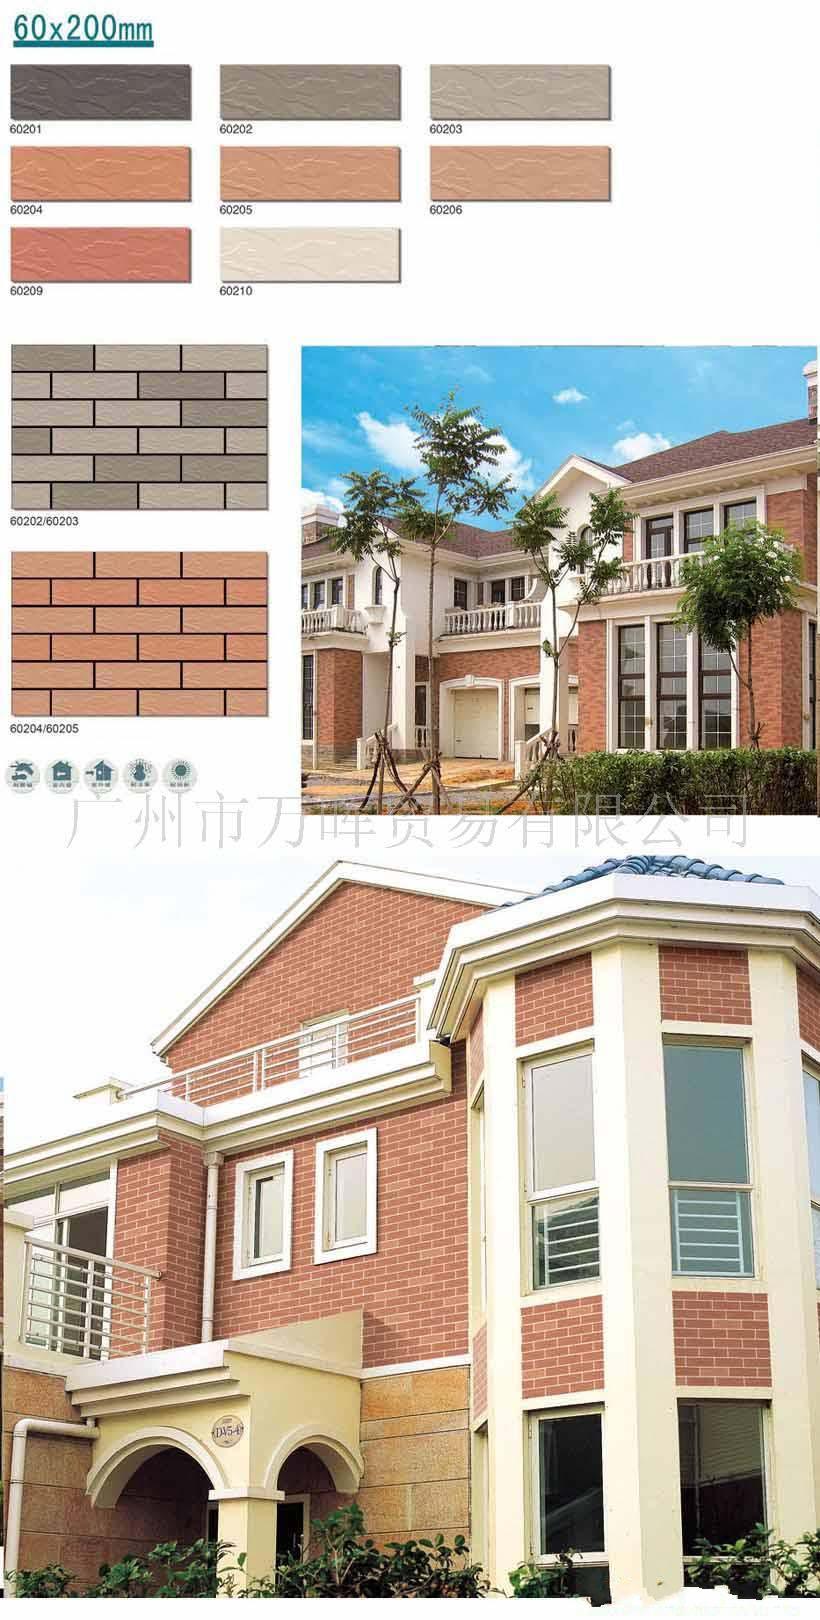 外墙砖图片 农村房子外墙砖图,房子外墙砖图 高清图片